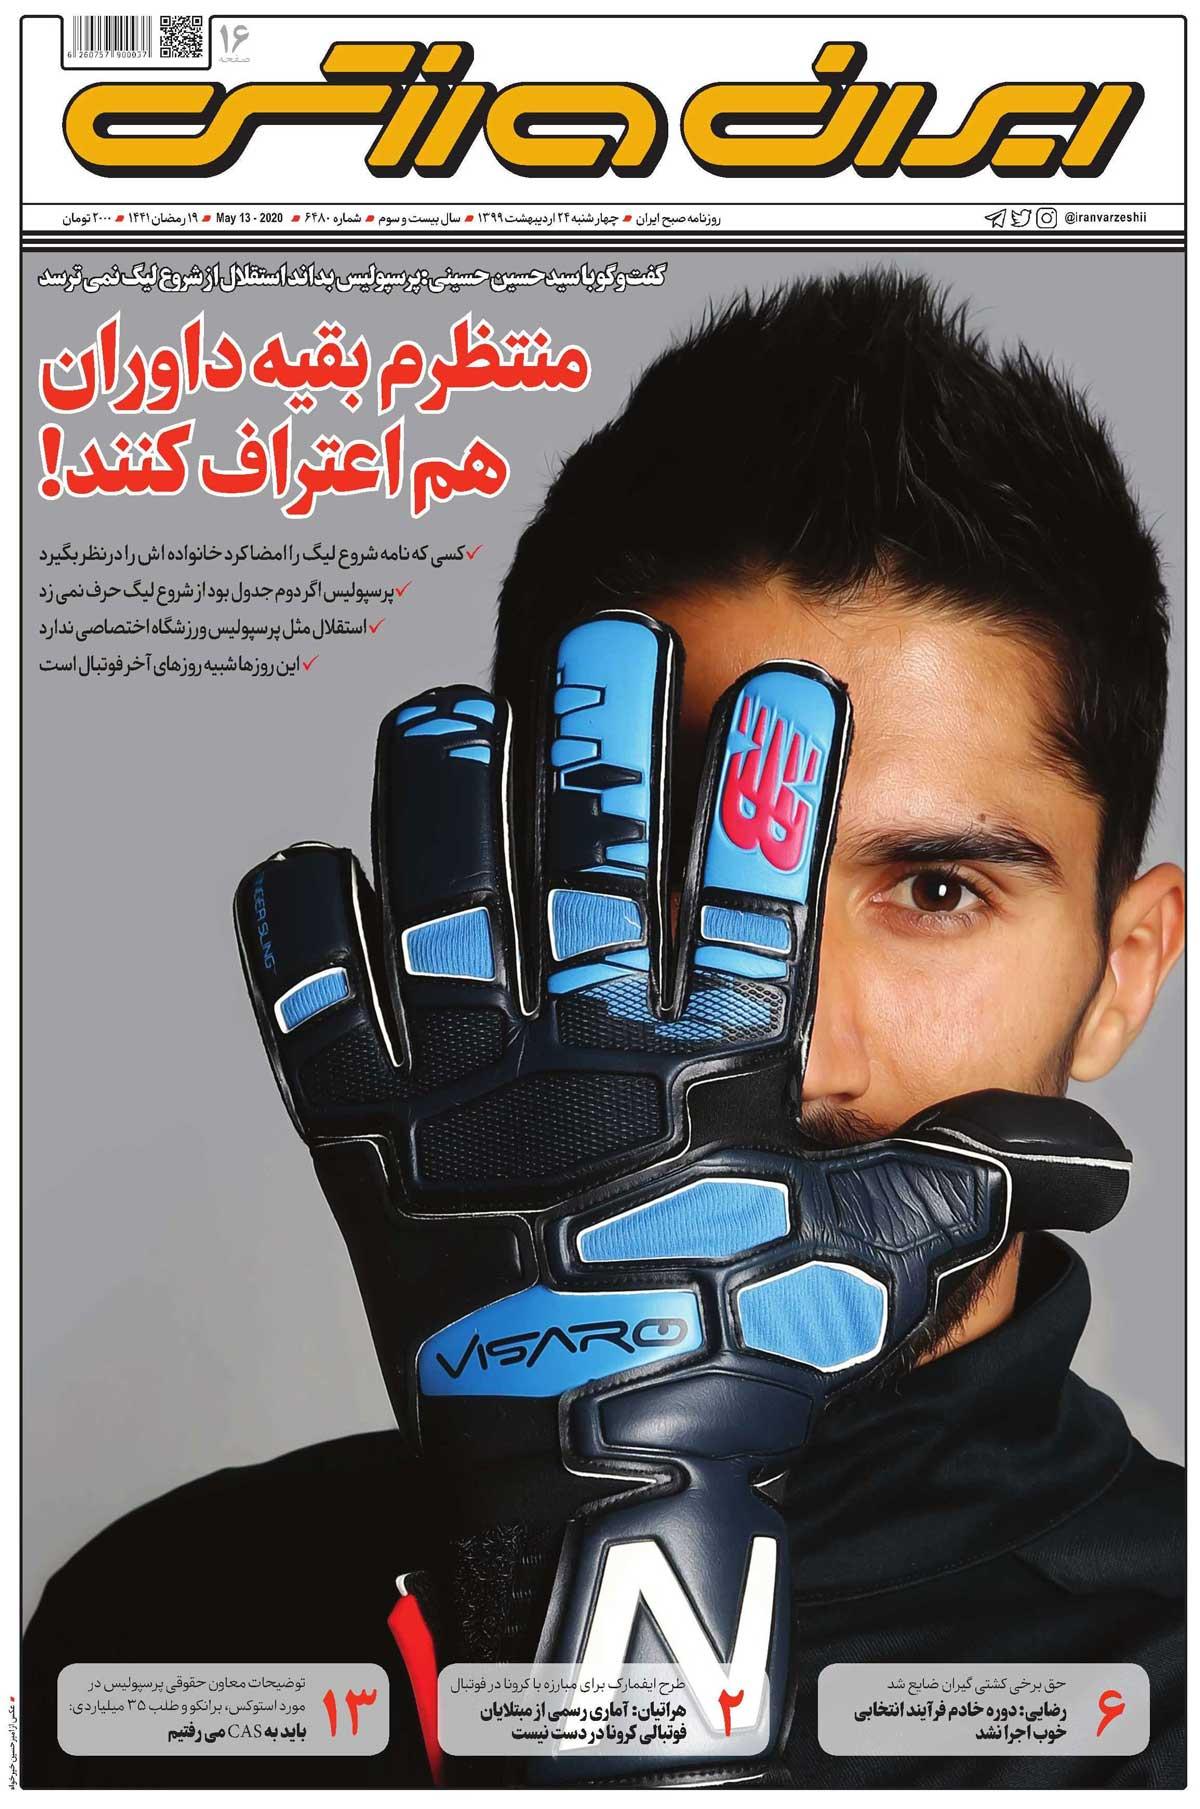 صفحه اول روزنامه ایرانورزشی چهارشنبه ۲۴ اردیبهشت ۹۹